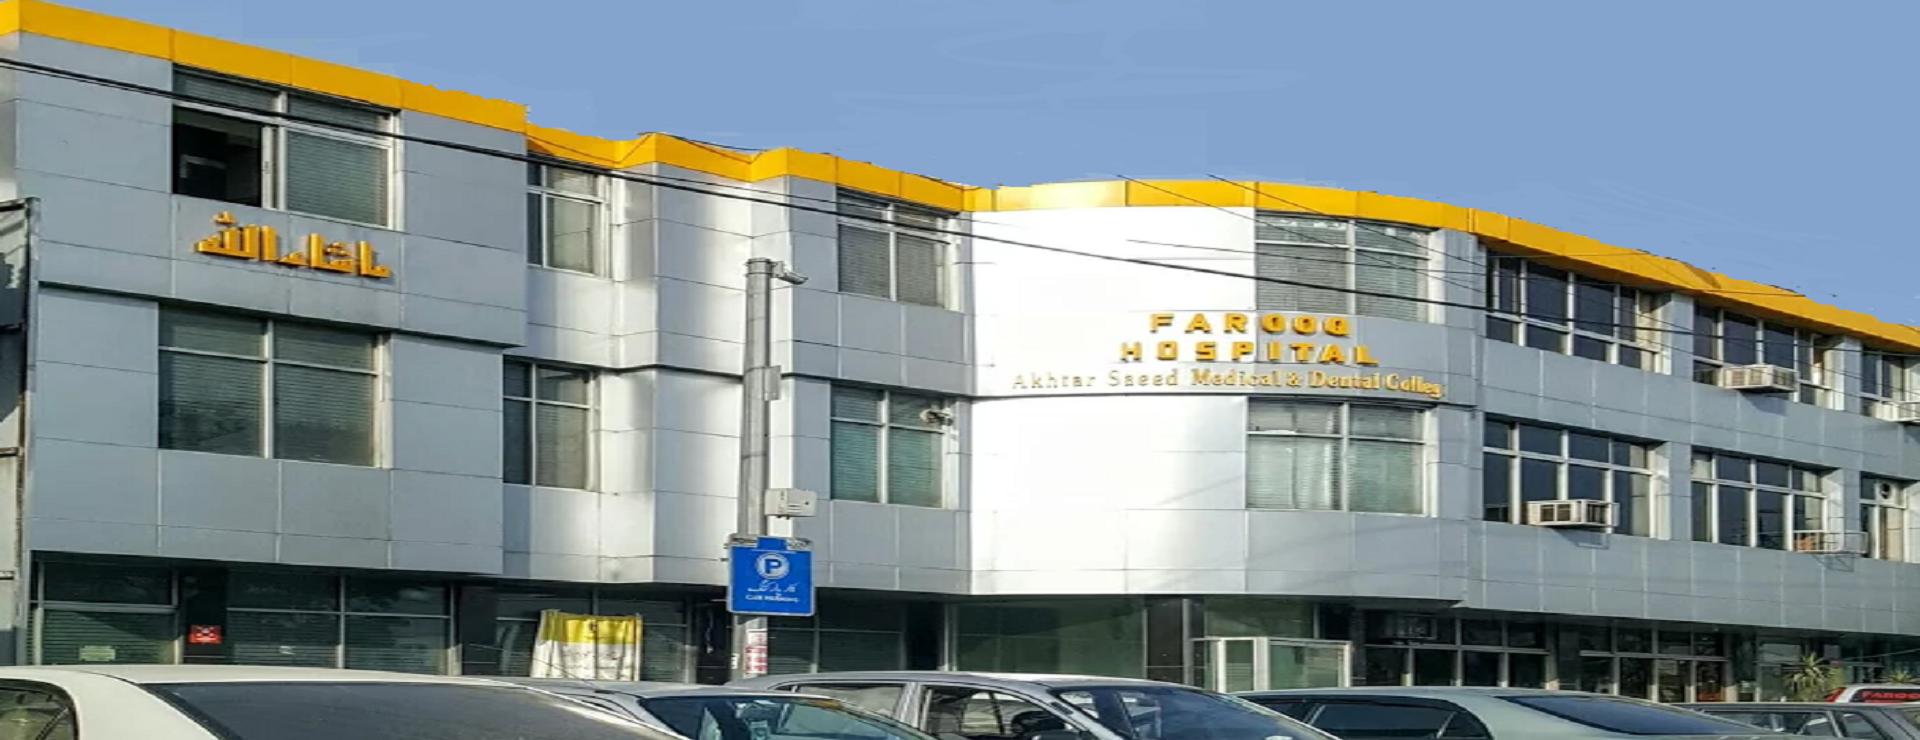 Farooq hospital ait